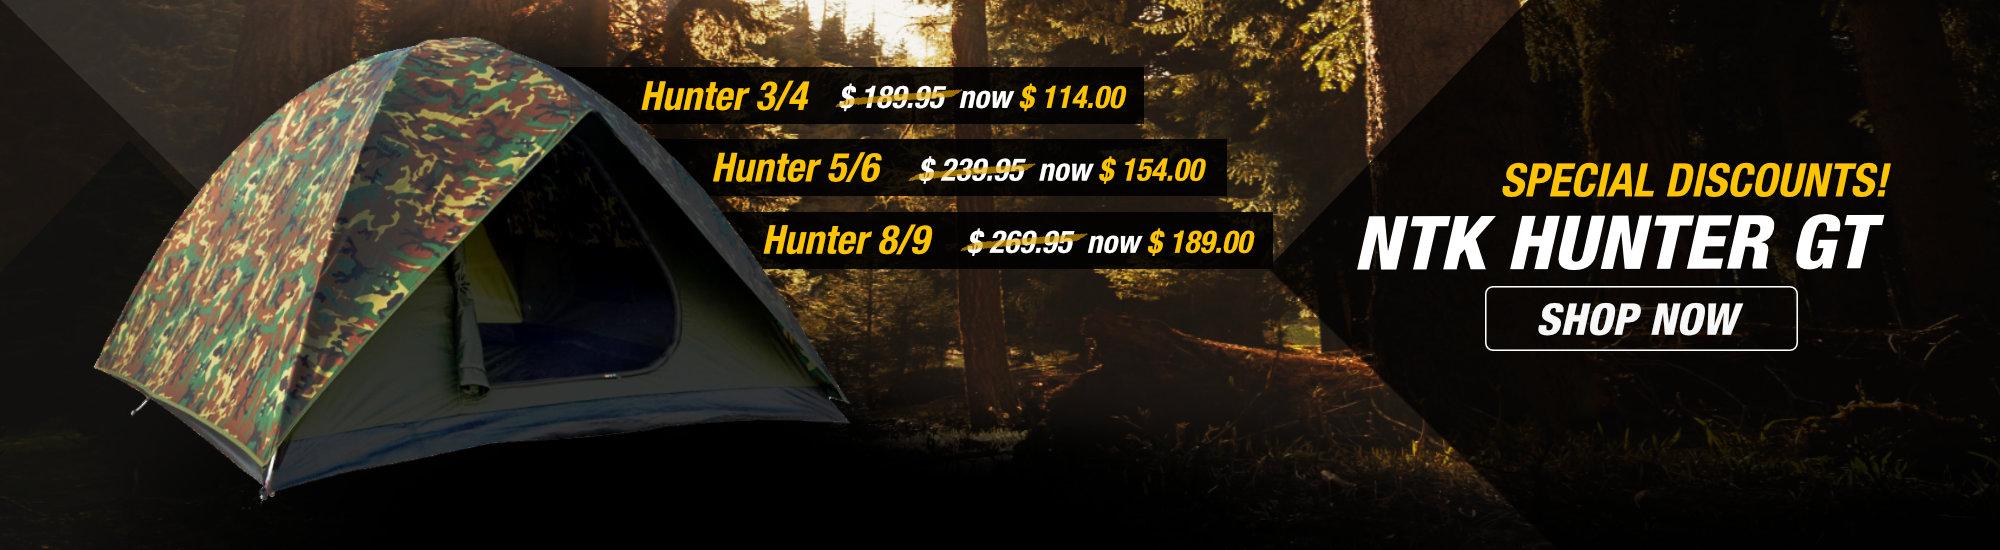 NTK Hunter GT Tents Discount